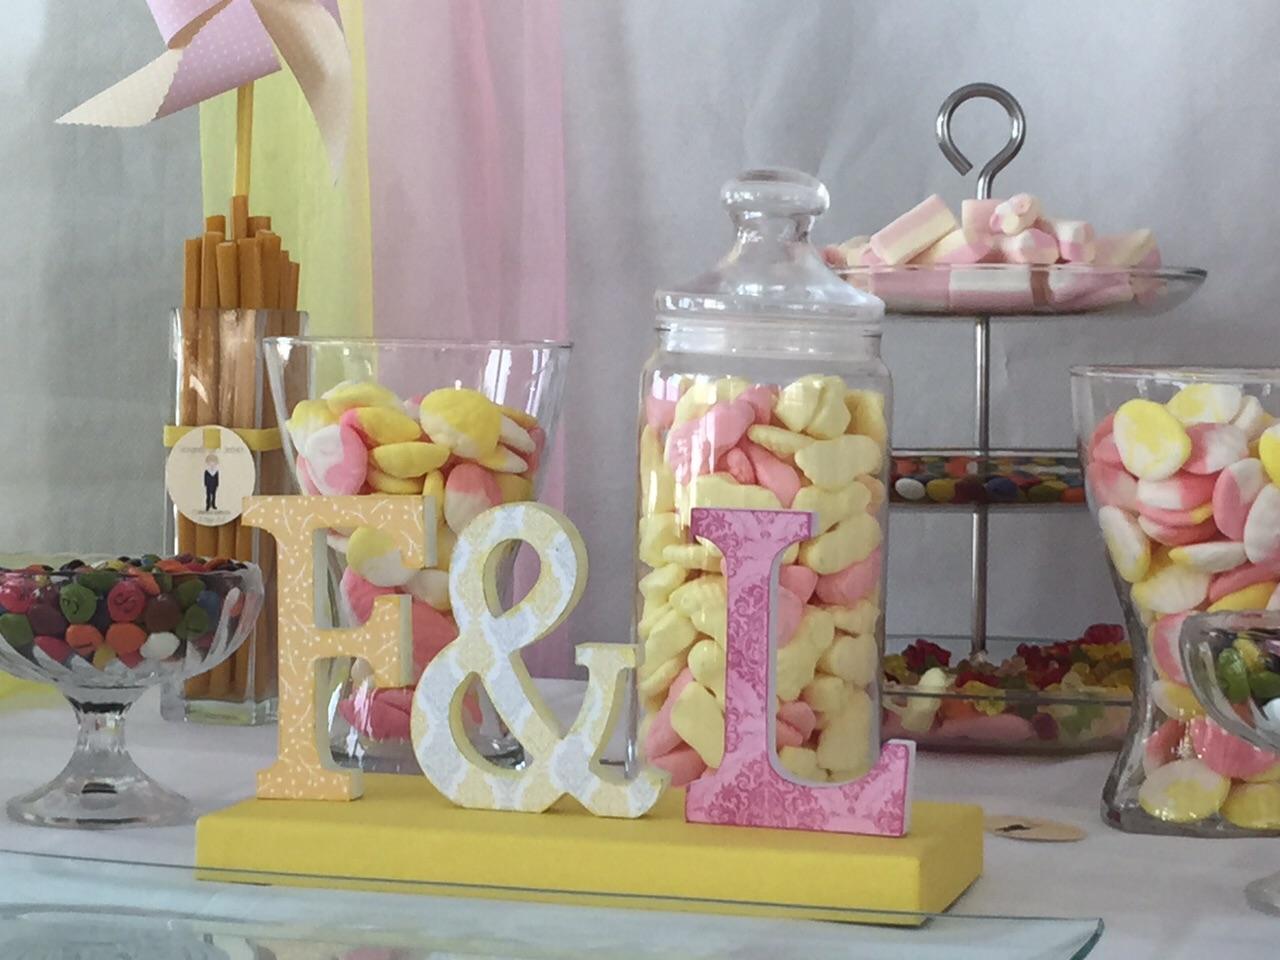 Mesa dulce primera comuni n en un pa s muy lejano - Preparar mesa dulce para comunion ...